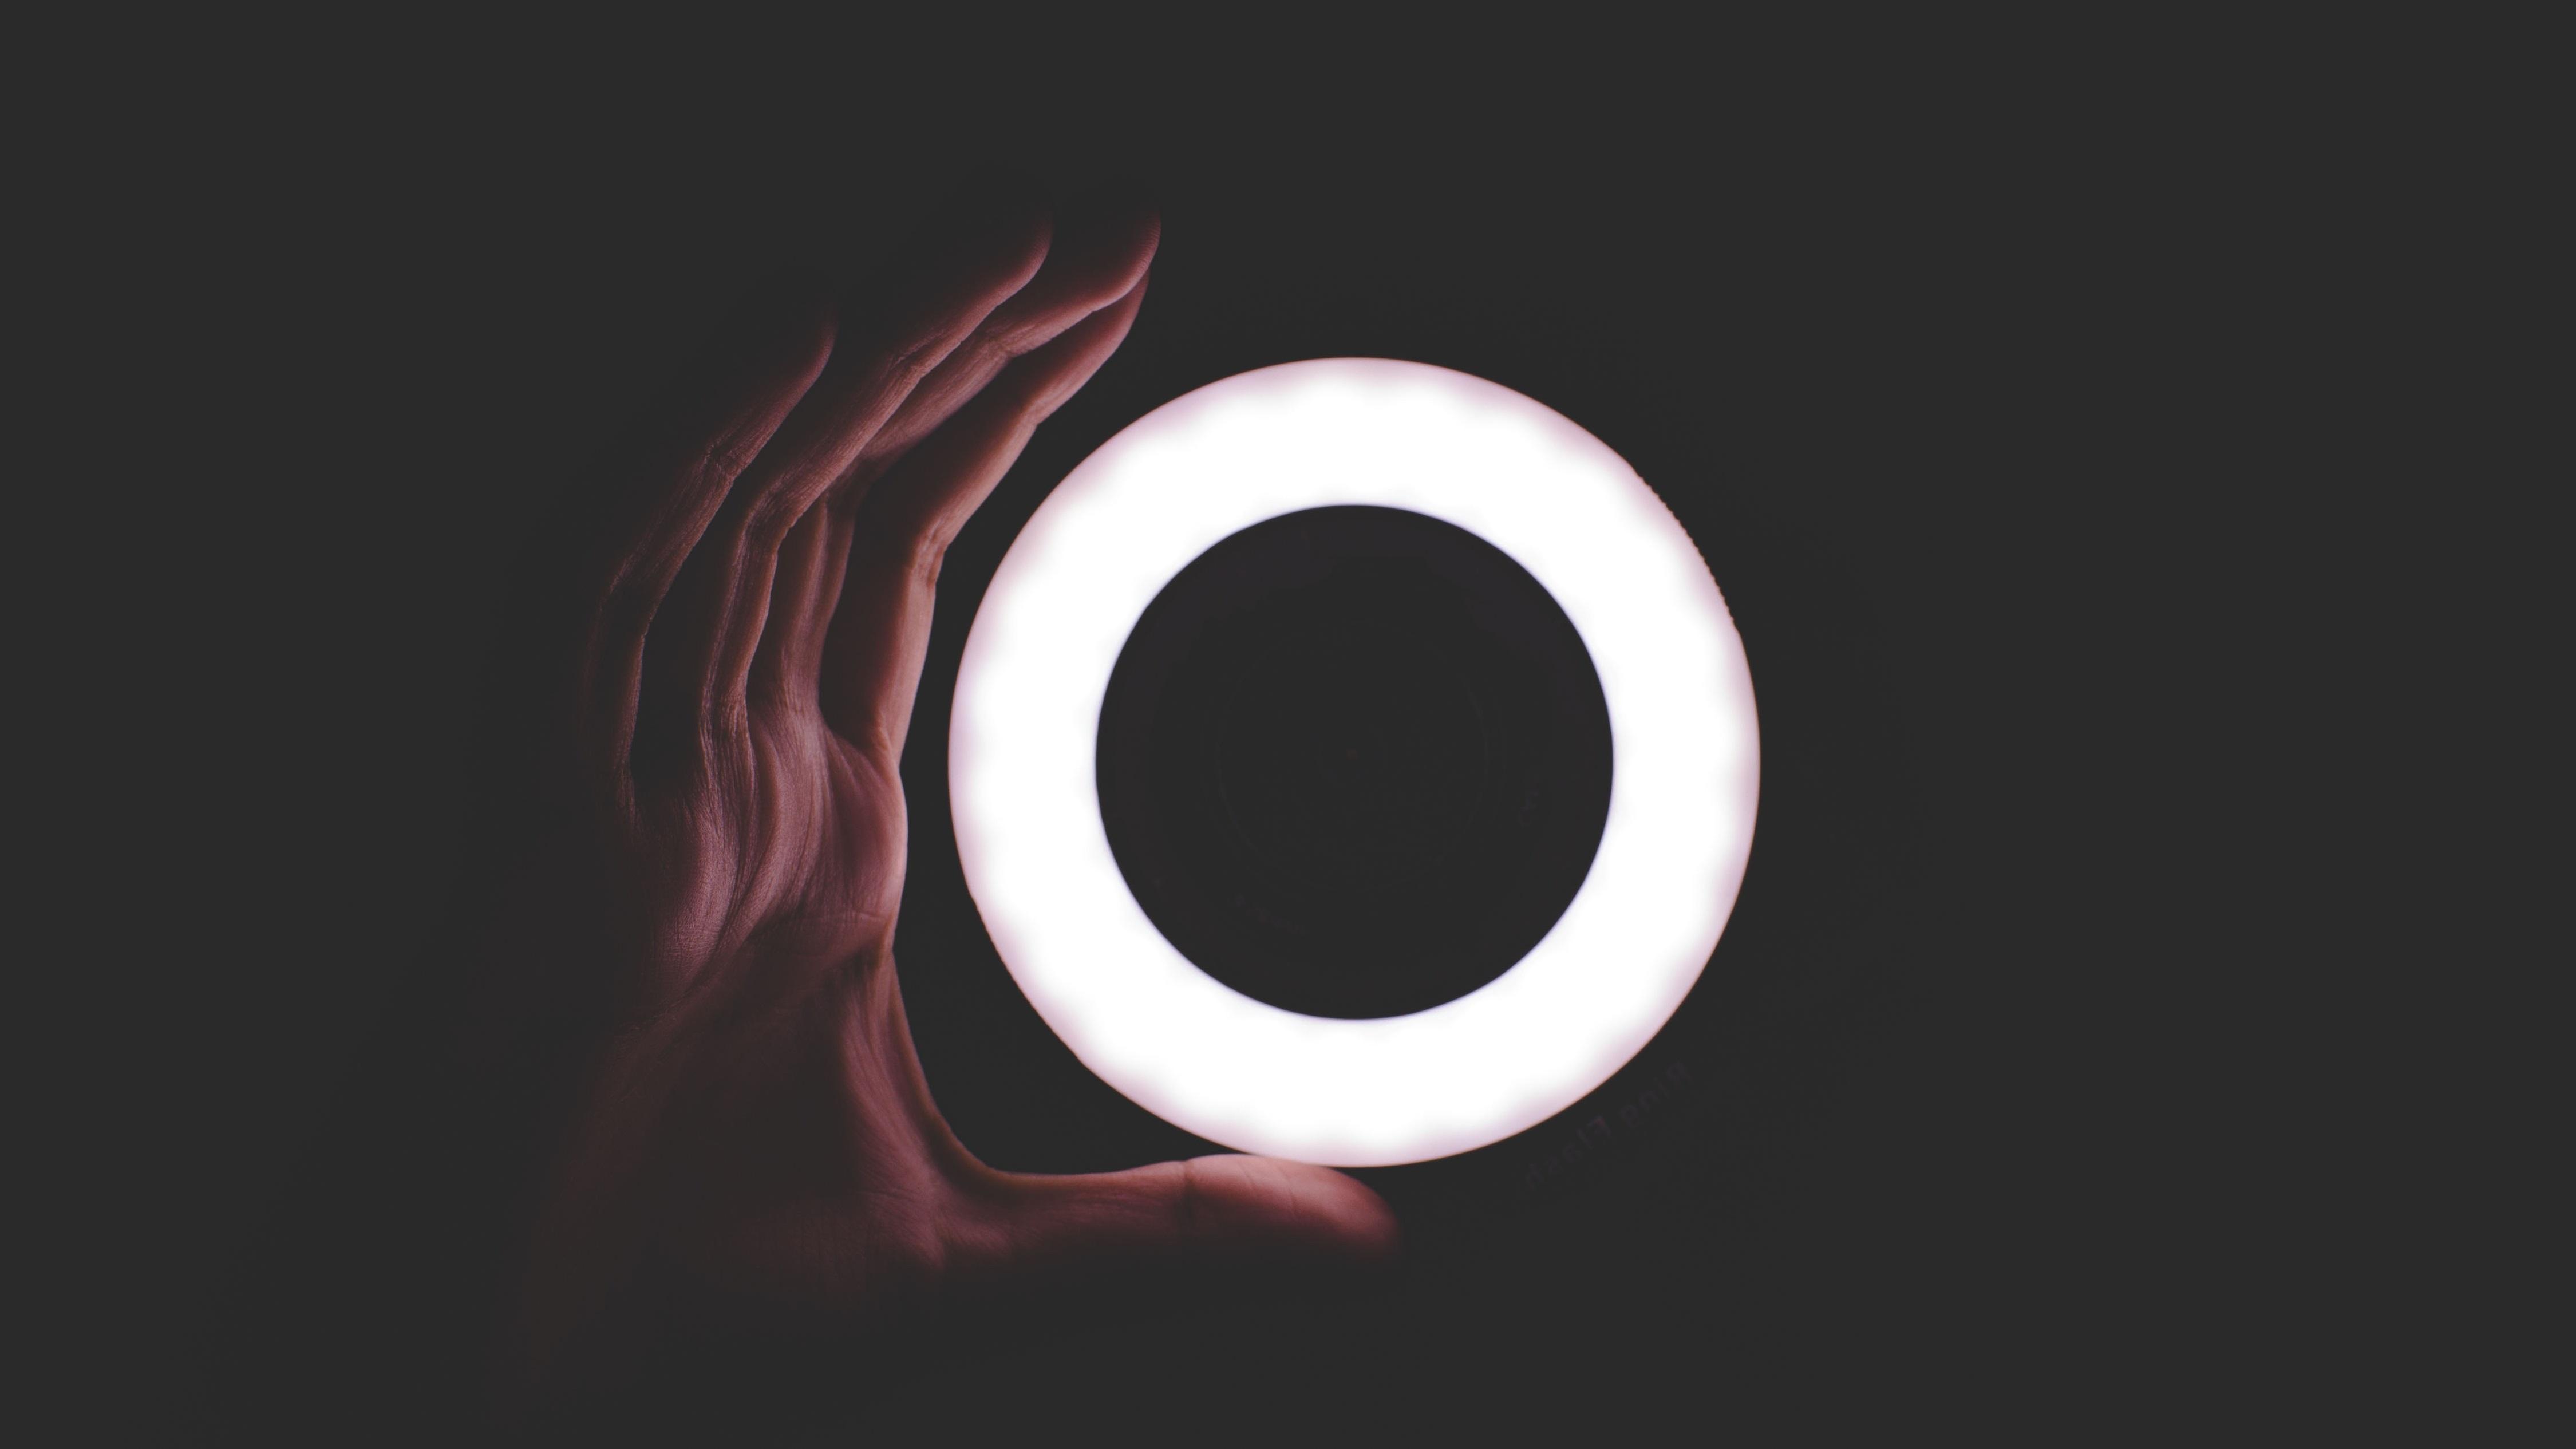 Ringlicht in einem dunken Raum